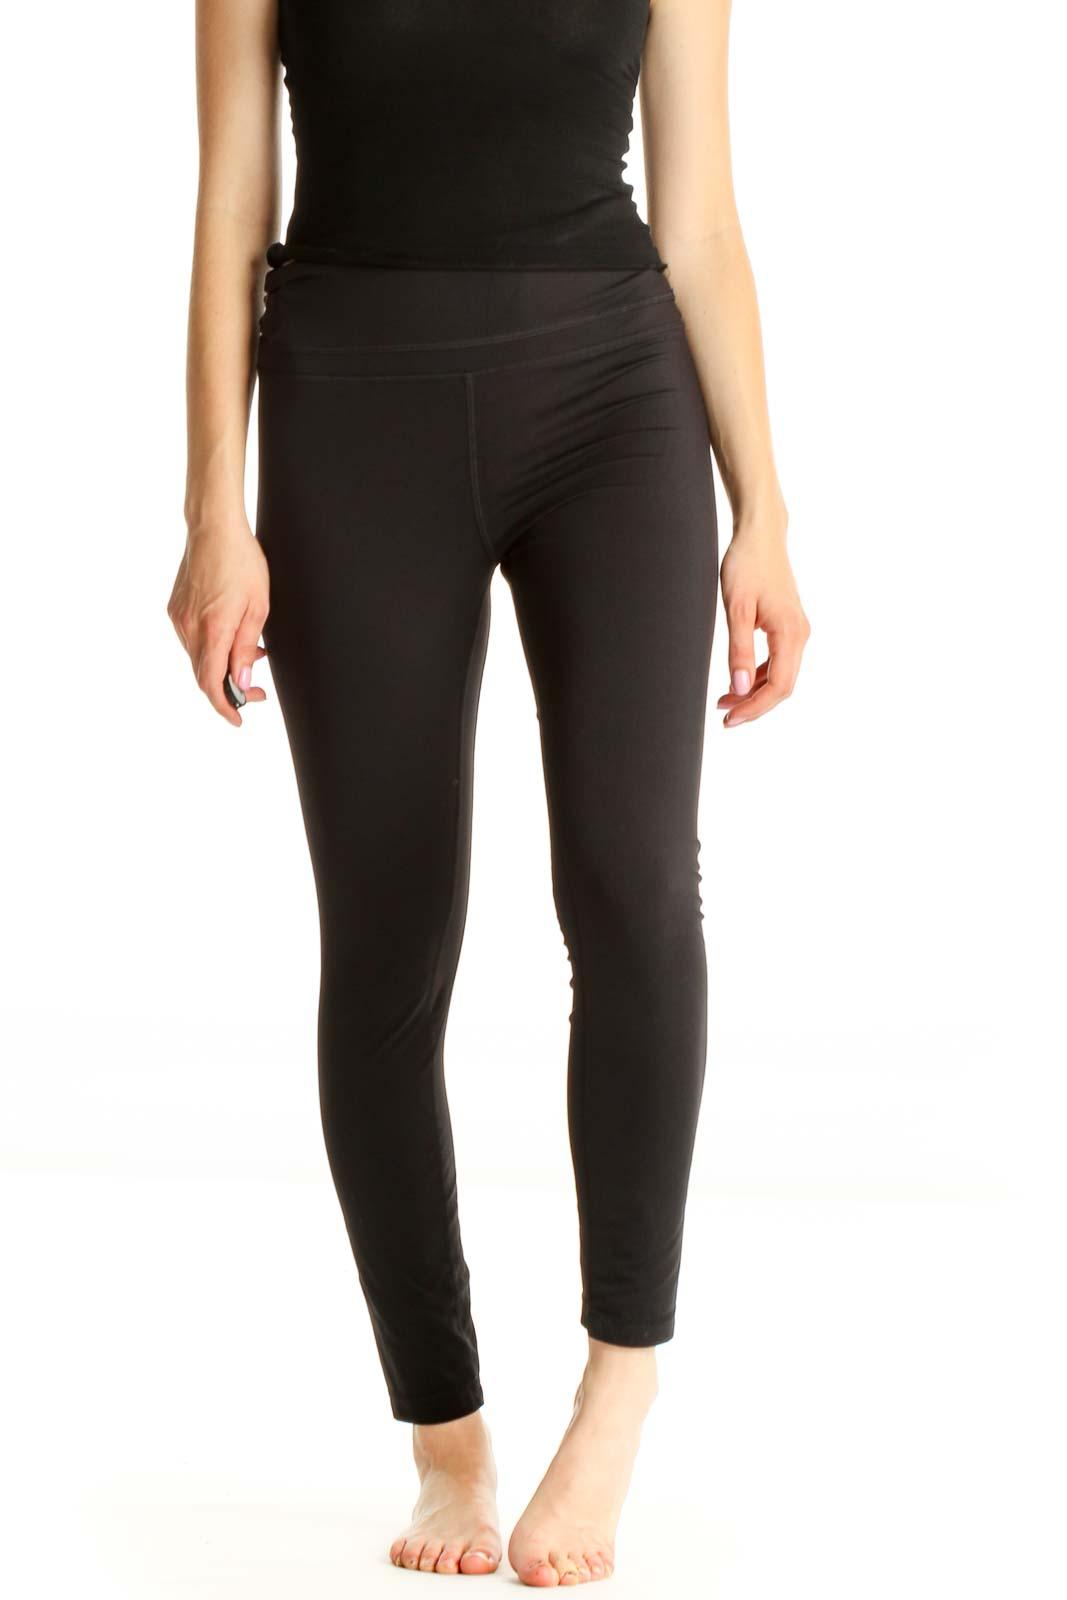 Black Casual Leggings Front